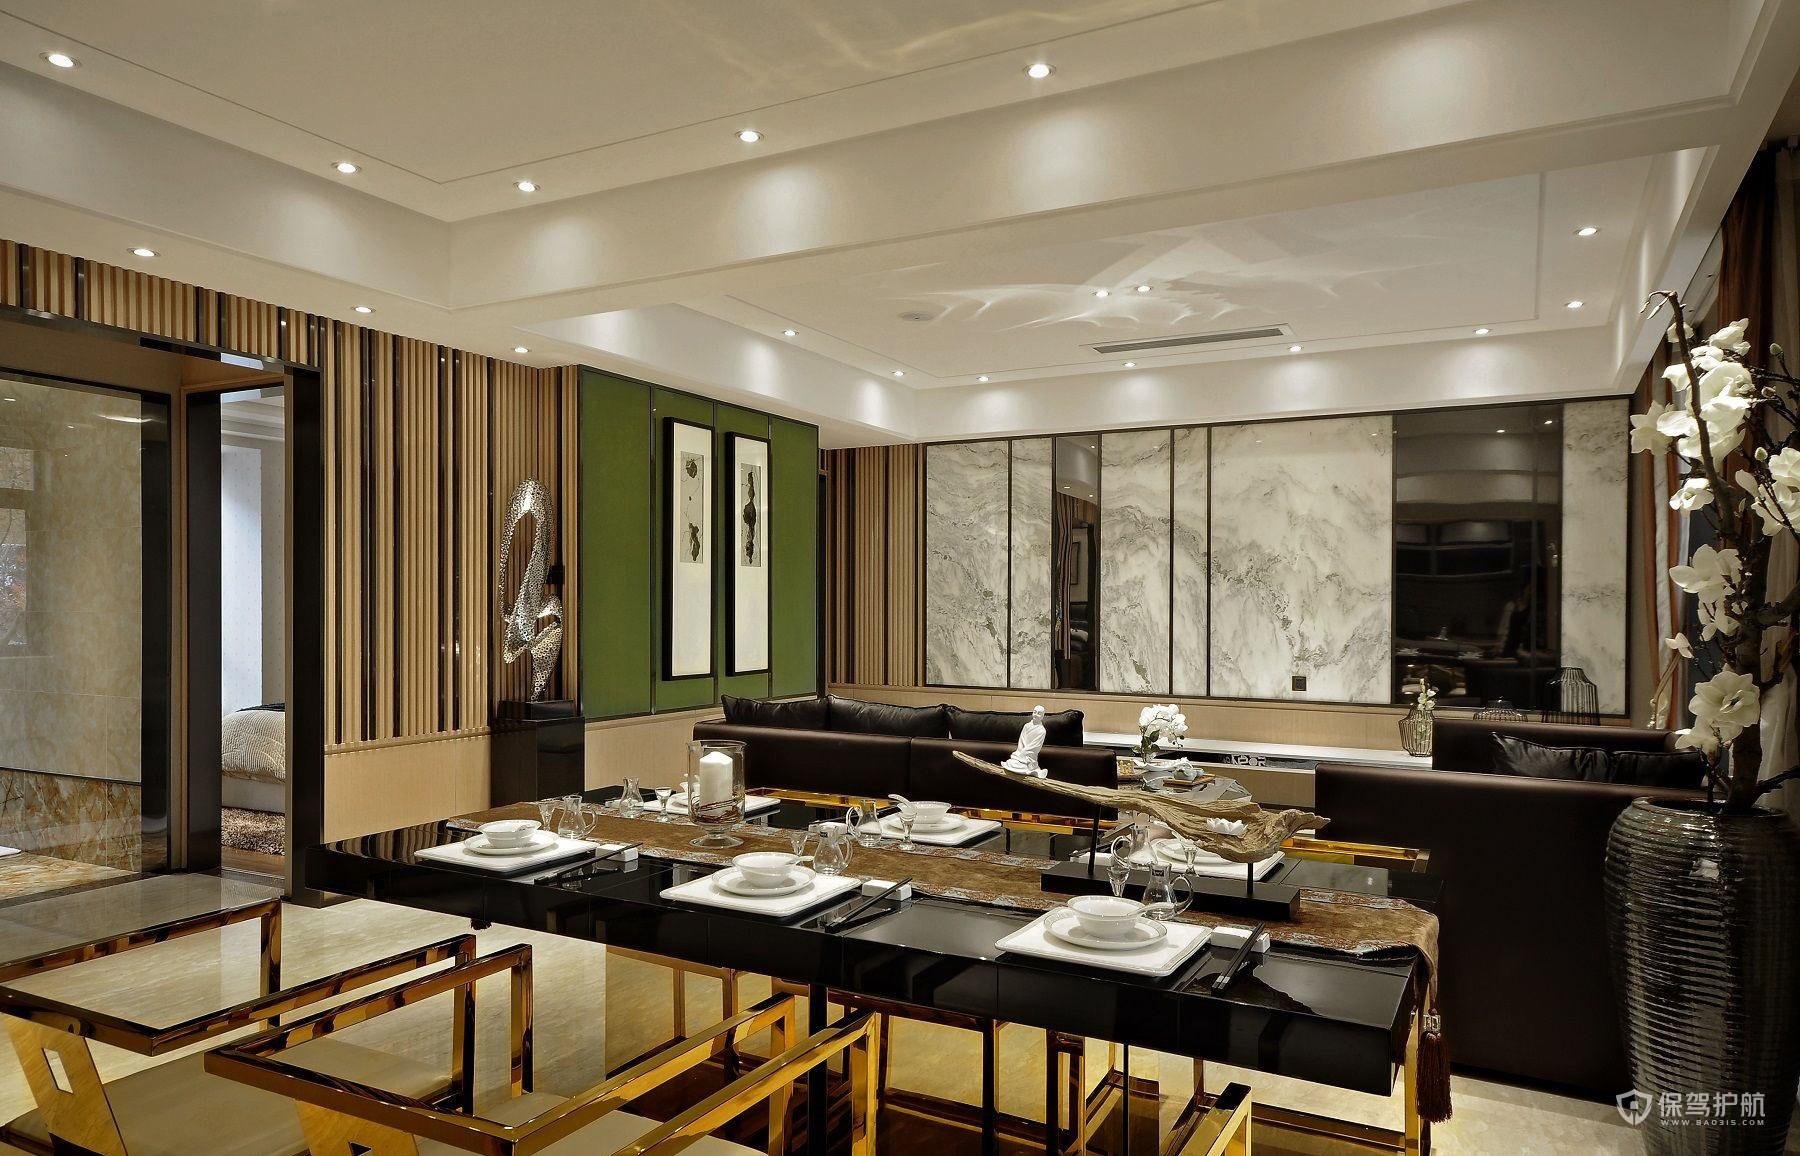 精致新中式风格三居室餐厅亚搏体育平台app效果图